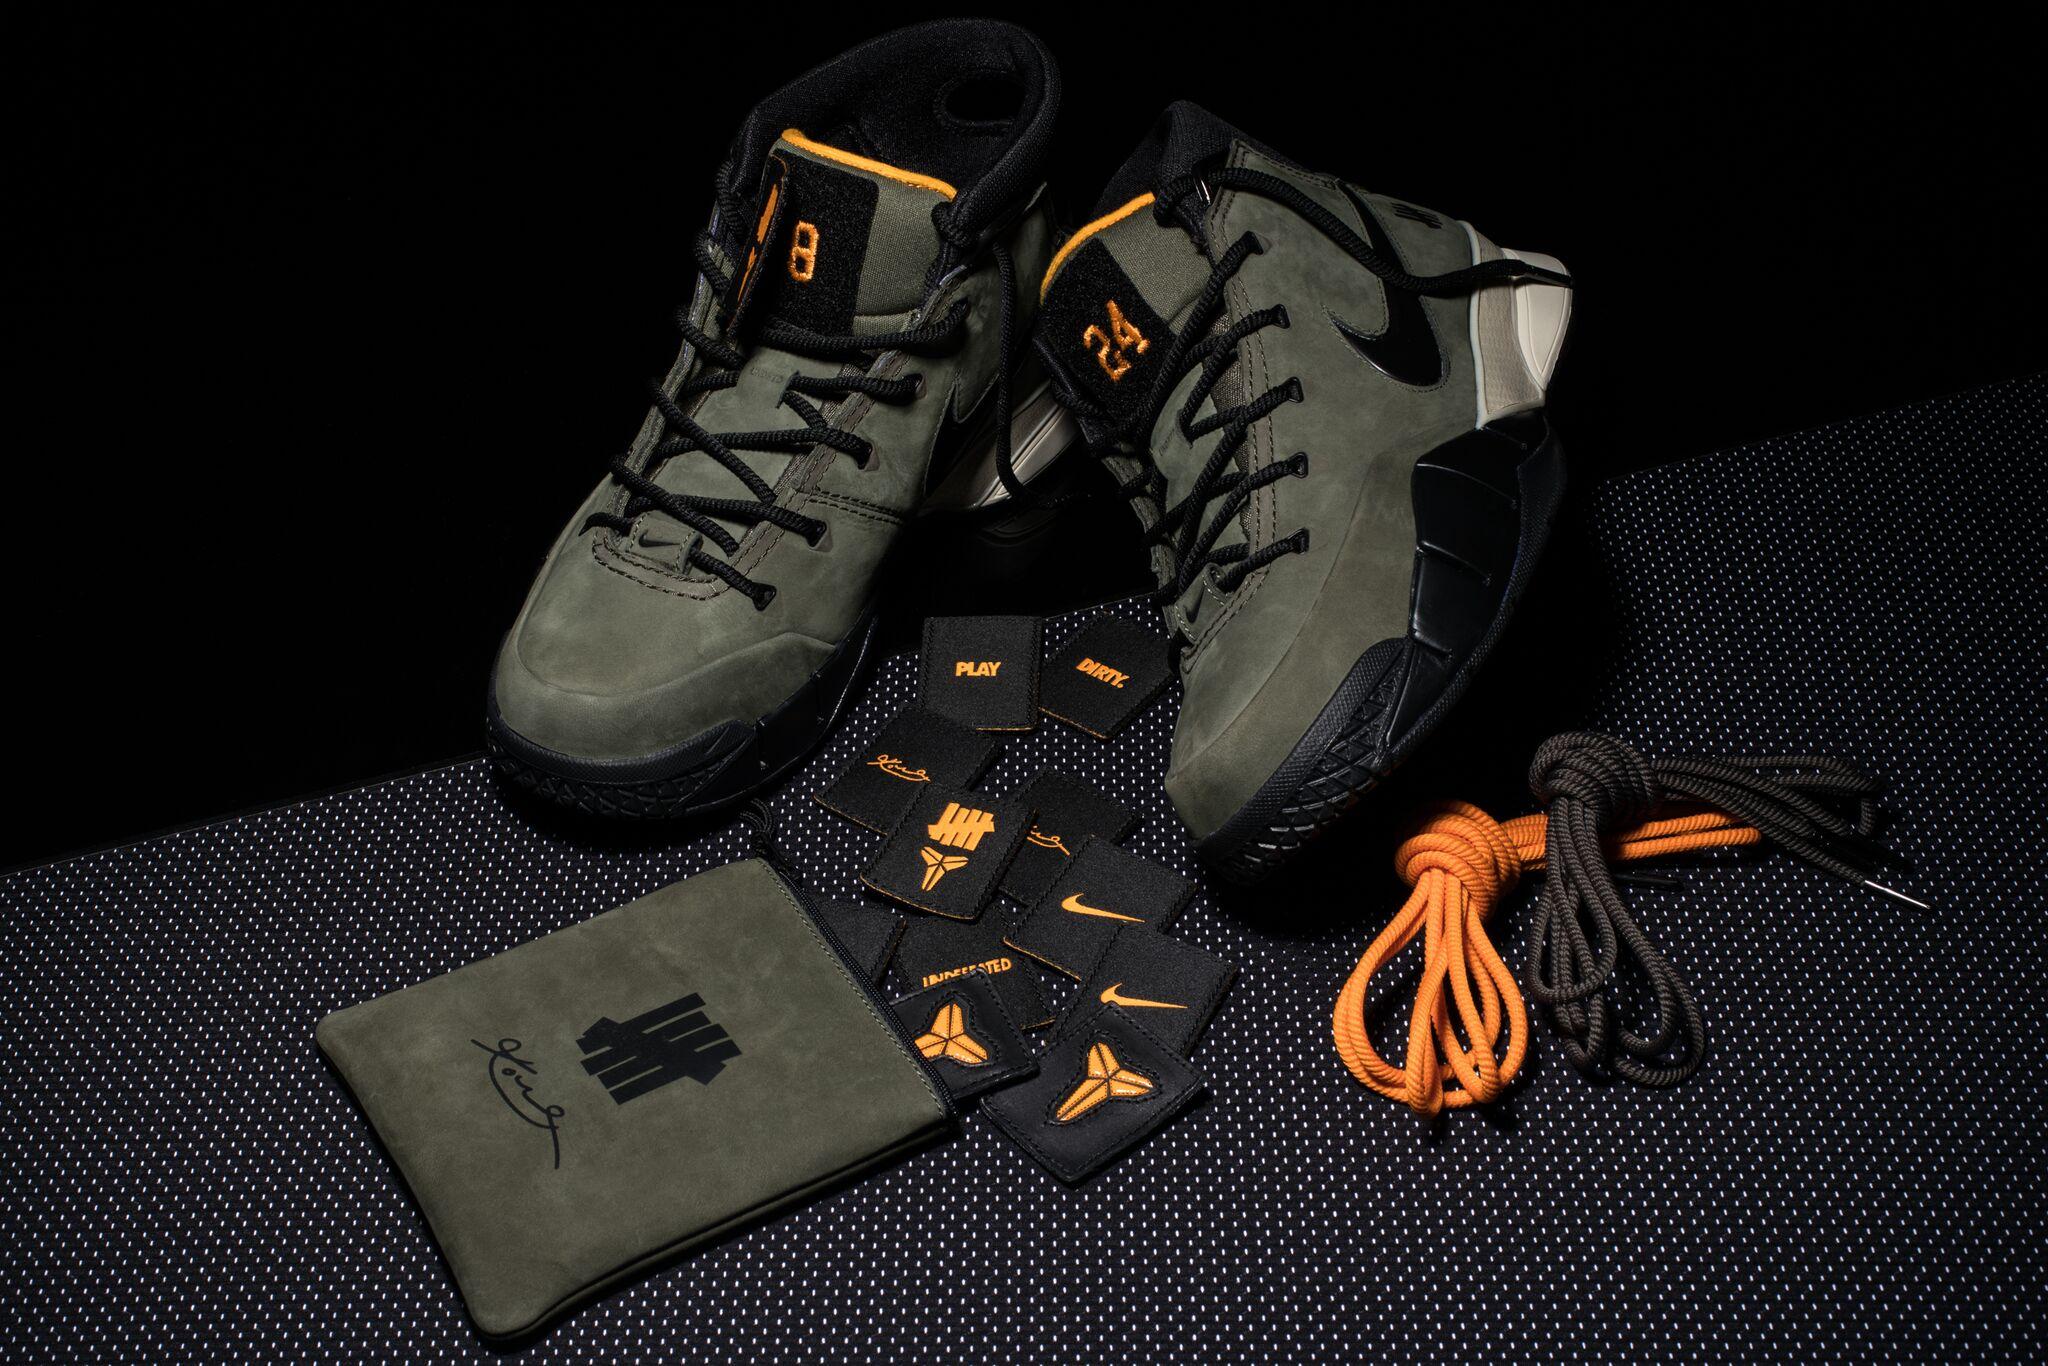 Nike-Kobe-1-Protro-UNDFTD-Flight-Jacket-7